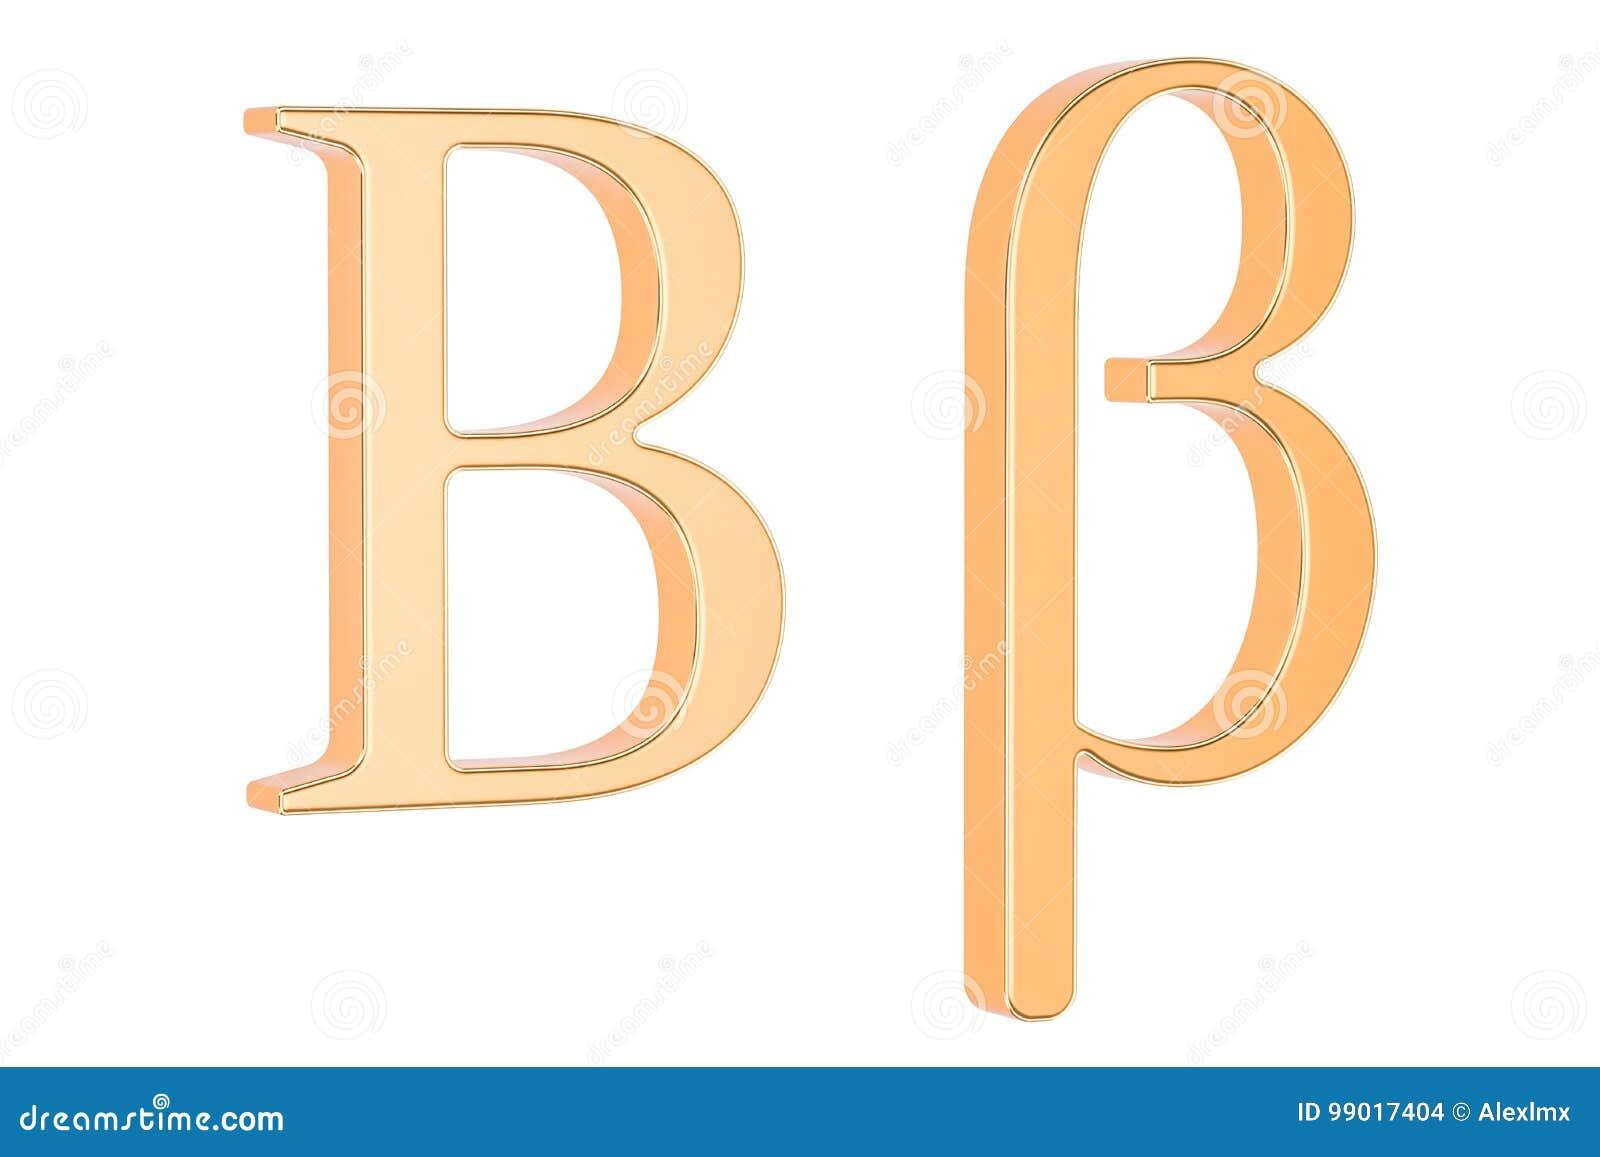 Golden Greek Letter Beta, 3D Rendering Stock Illustration